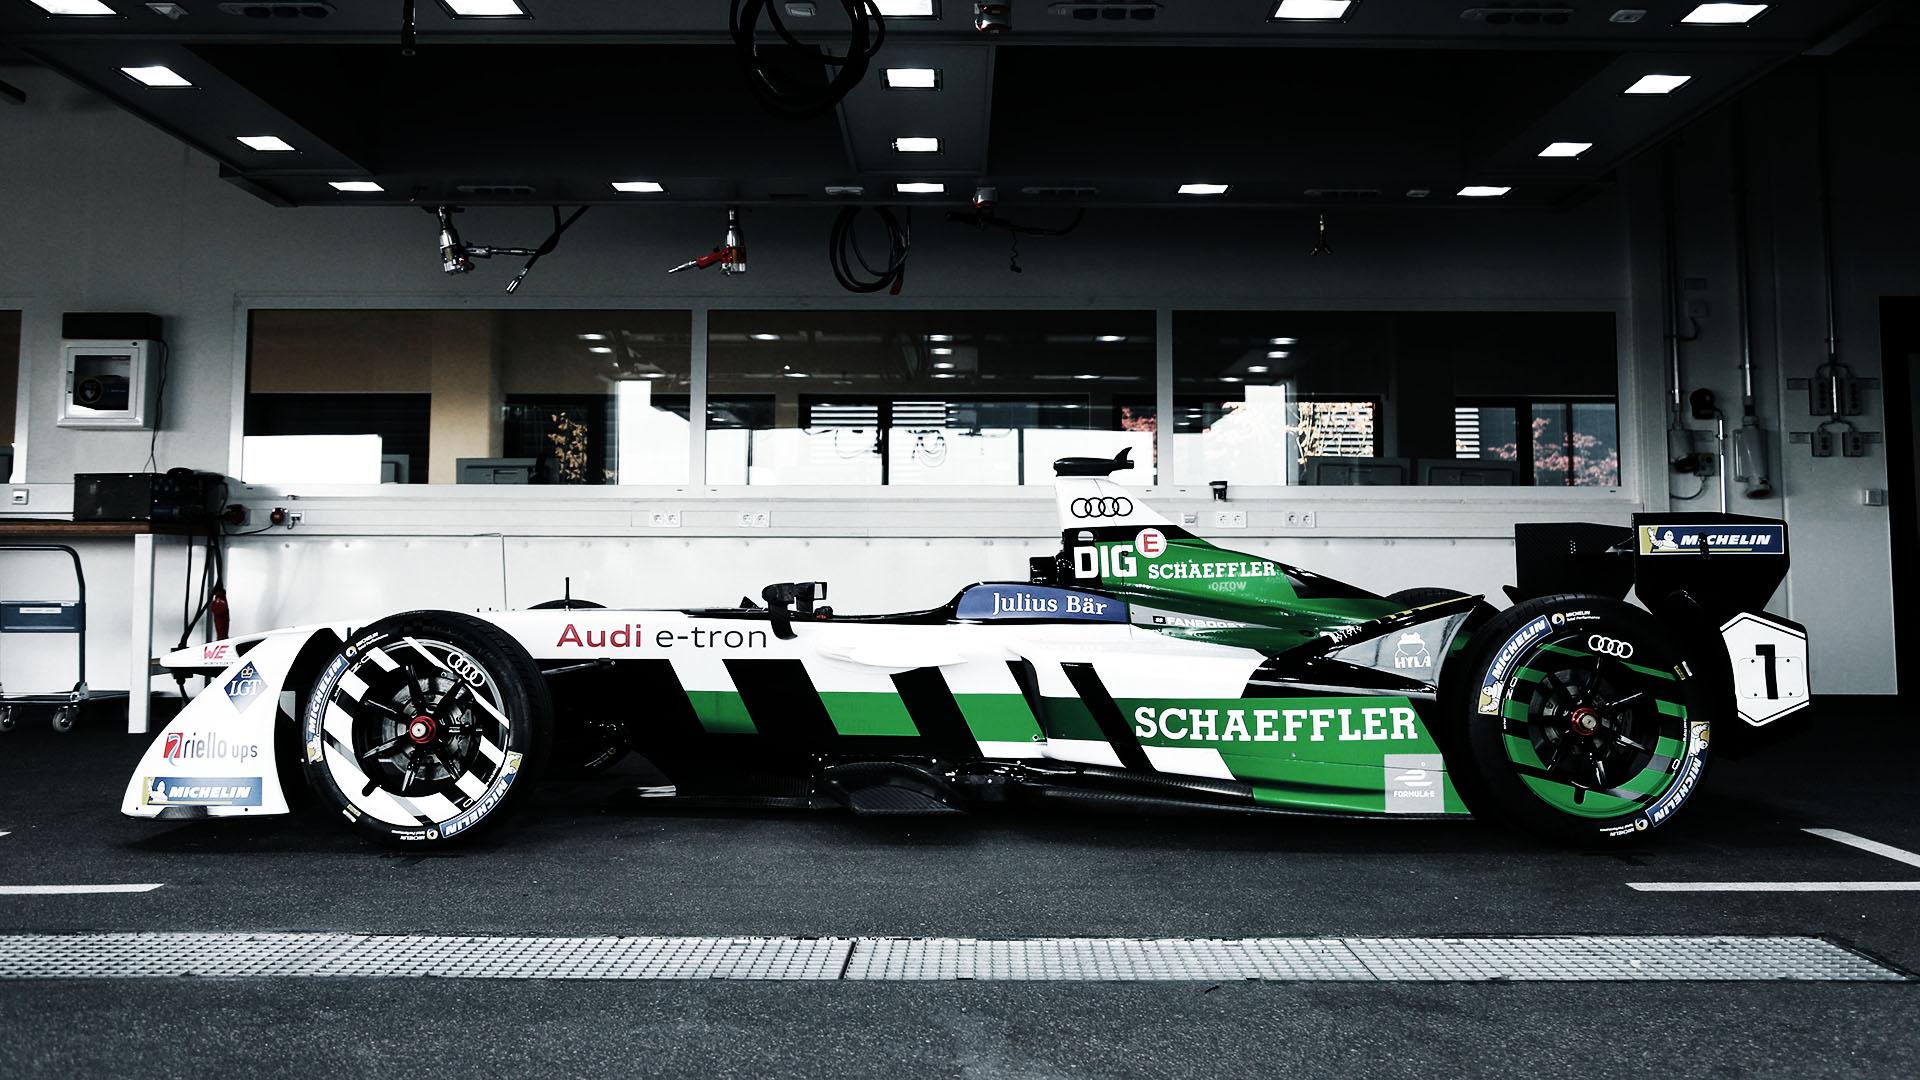 Audi mukaan Formula E -sarjaan e-tron autollaan